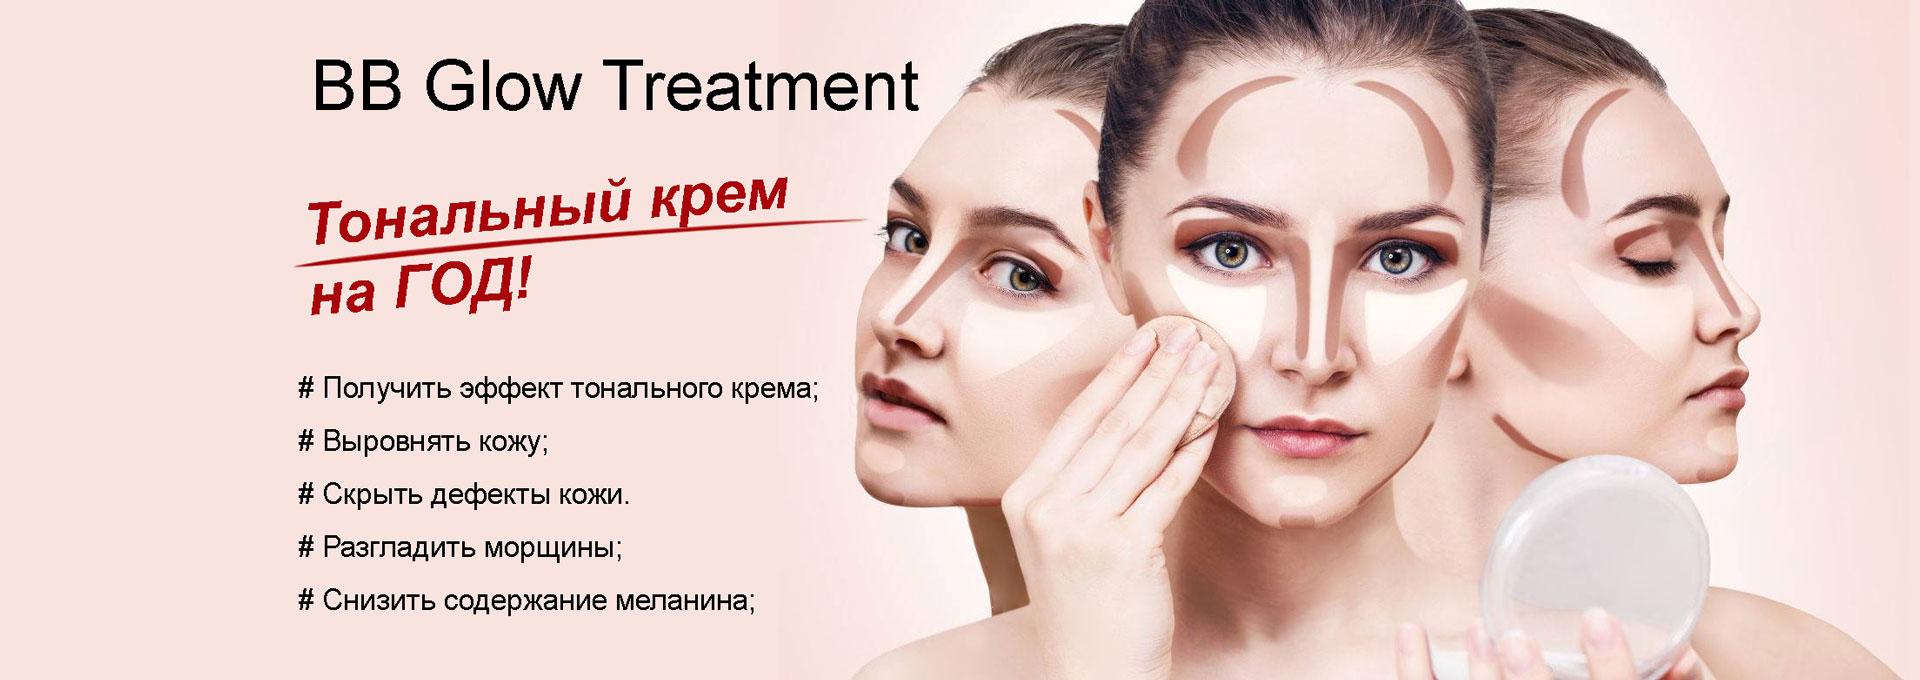 Bb glow treatment, тональный крем на год, тональный крем на 1 год, тональный крем, тональный крем кожи, тональный крем алматы, тональный крем для сухой кожи, лучший тональный крем, тональный крем для сухой, тональный крем для лица, тональный крем bb, лучший крем для тональной кожи, корейский тональный крем, эффект тонального крема, тональный крем для проблемной, тоналка, тоналка на год, жирная кожа, жирная кожа лица, жирная проблемная кожа, сухая жирная кожа, жирная кожа что делать, жирная комбинированная кожа, уход за жирной кожей, веснушки, веснушки на лице, как избавиться от веснушек, круги под глазами, темные круги под глазами, черные круги под глазами, темные круги под глазами у женщин, синие круги под глазами, красные круги под глазами, как убрать круги под глазами, пигментные пятна, пигментные пятна на лице, удаление пигментных пятен, пигментные пятна на лице как избавиться, как убрать пигментные пятна, удаление пигментных пятен на лице, отбеливающий пигментные пятна, как избавиться от пигментных пятен, против пигментных пятен, как убрать пигментные пятна на лице, лазерное удаление пигментных пятен, лечение пигментных пятен, пигментные пятна на лице причины и лечение, купероз, купероз на лице, купероз лечение, как лечить купероз, купероз кожи, постакне, рубцов постакне, рубцы постакне, регенерация кожи